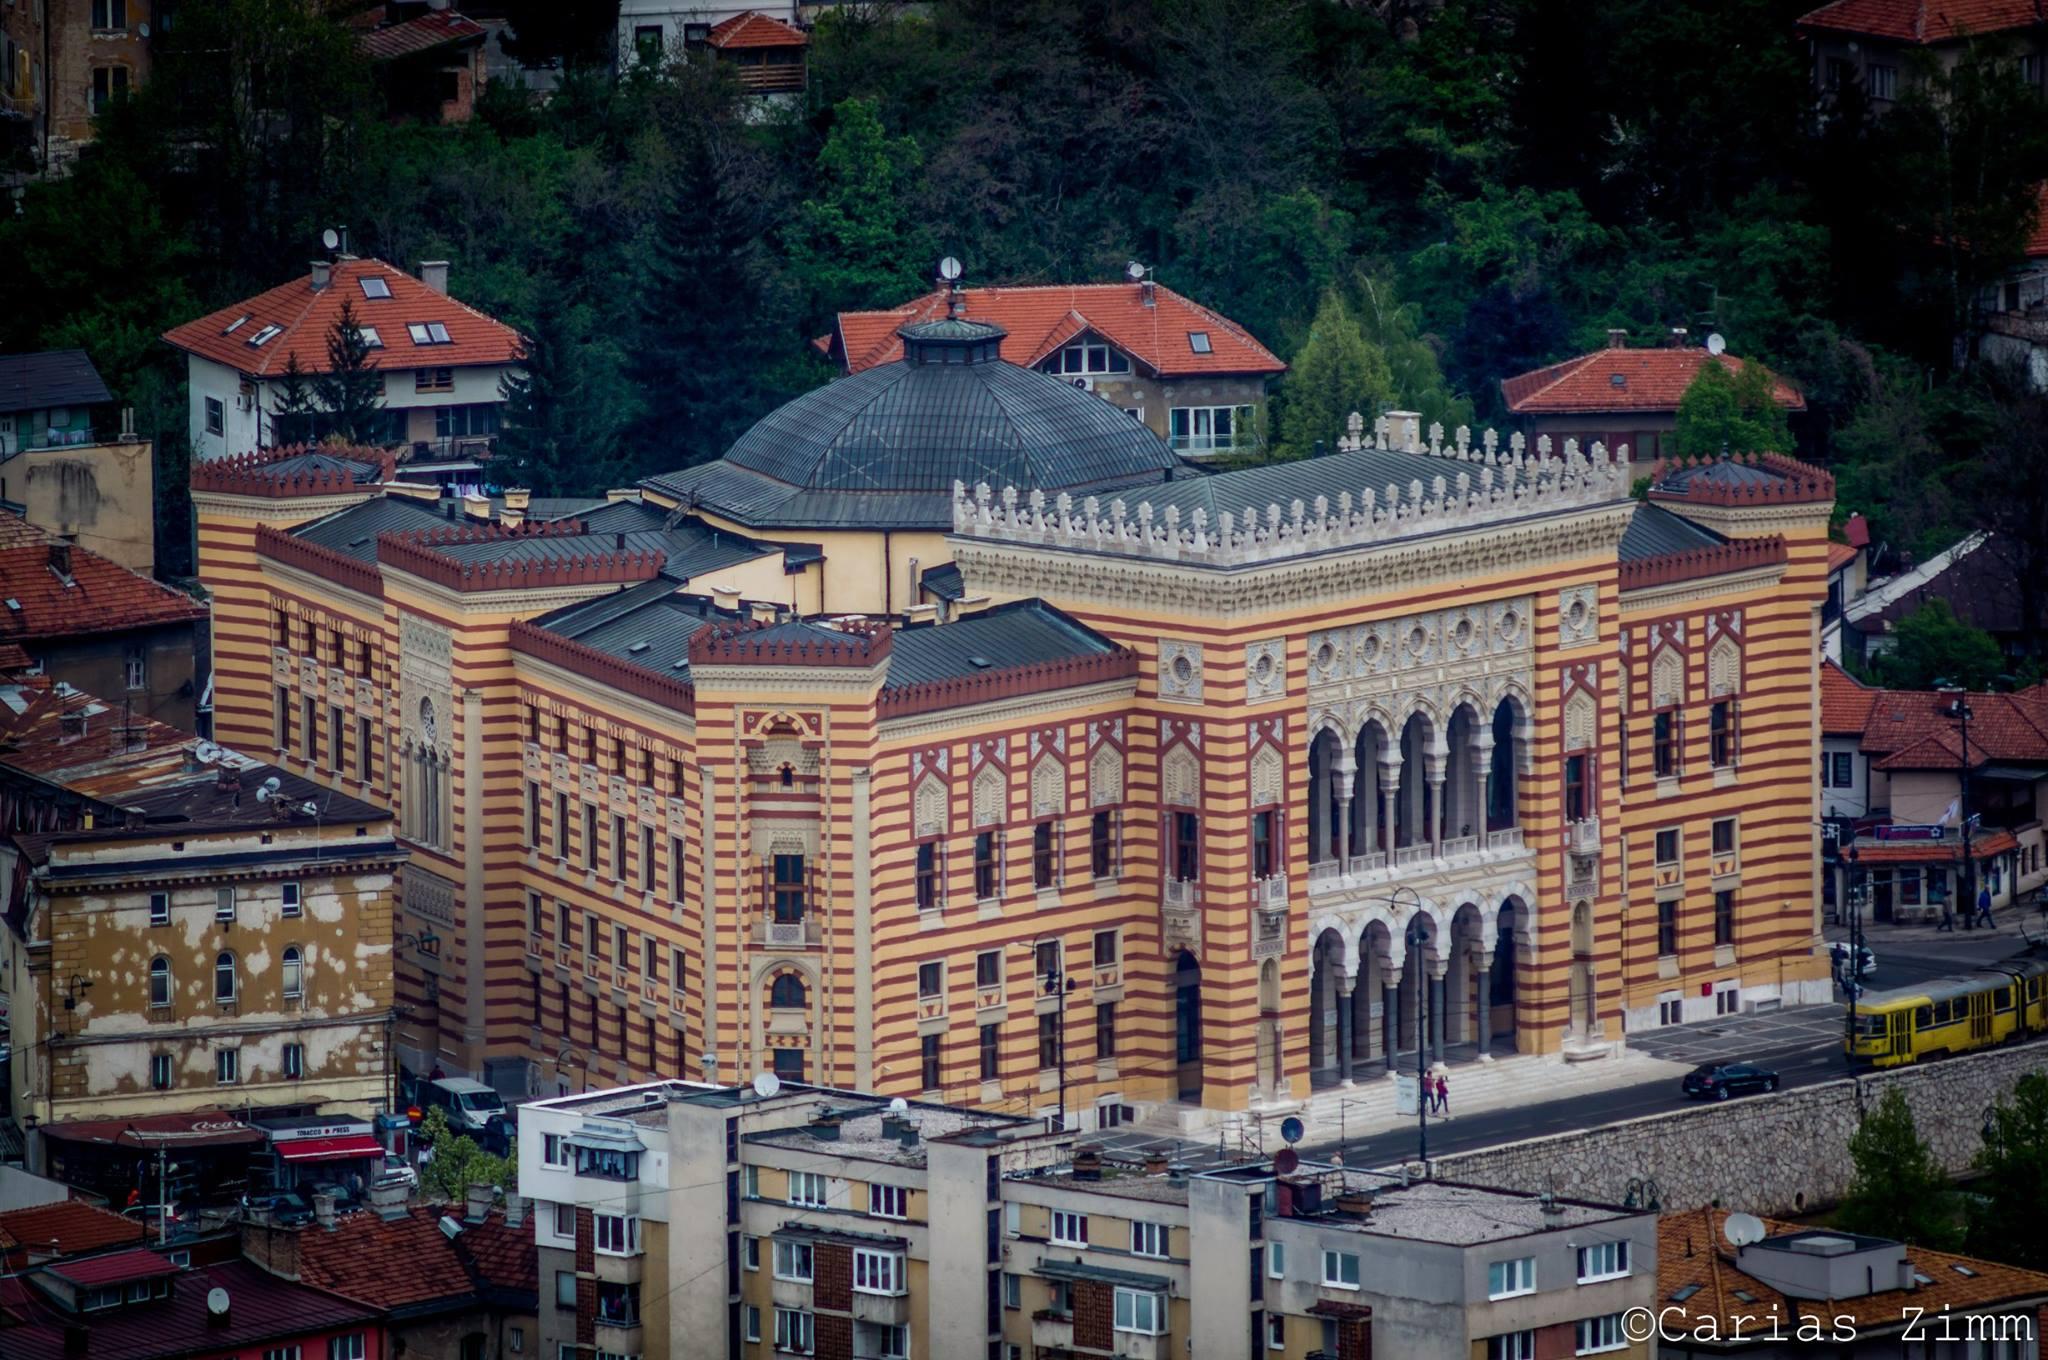 Vijećnica iz drugog ugla (Sarajevo, foto: Carias Zimm)